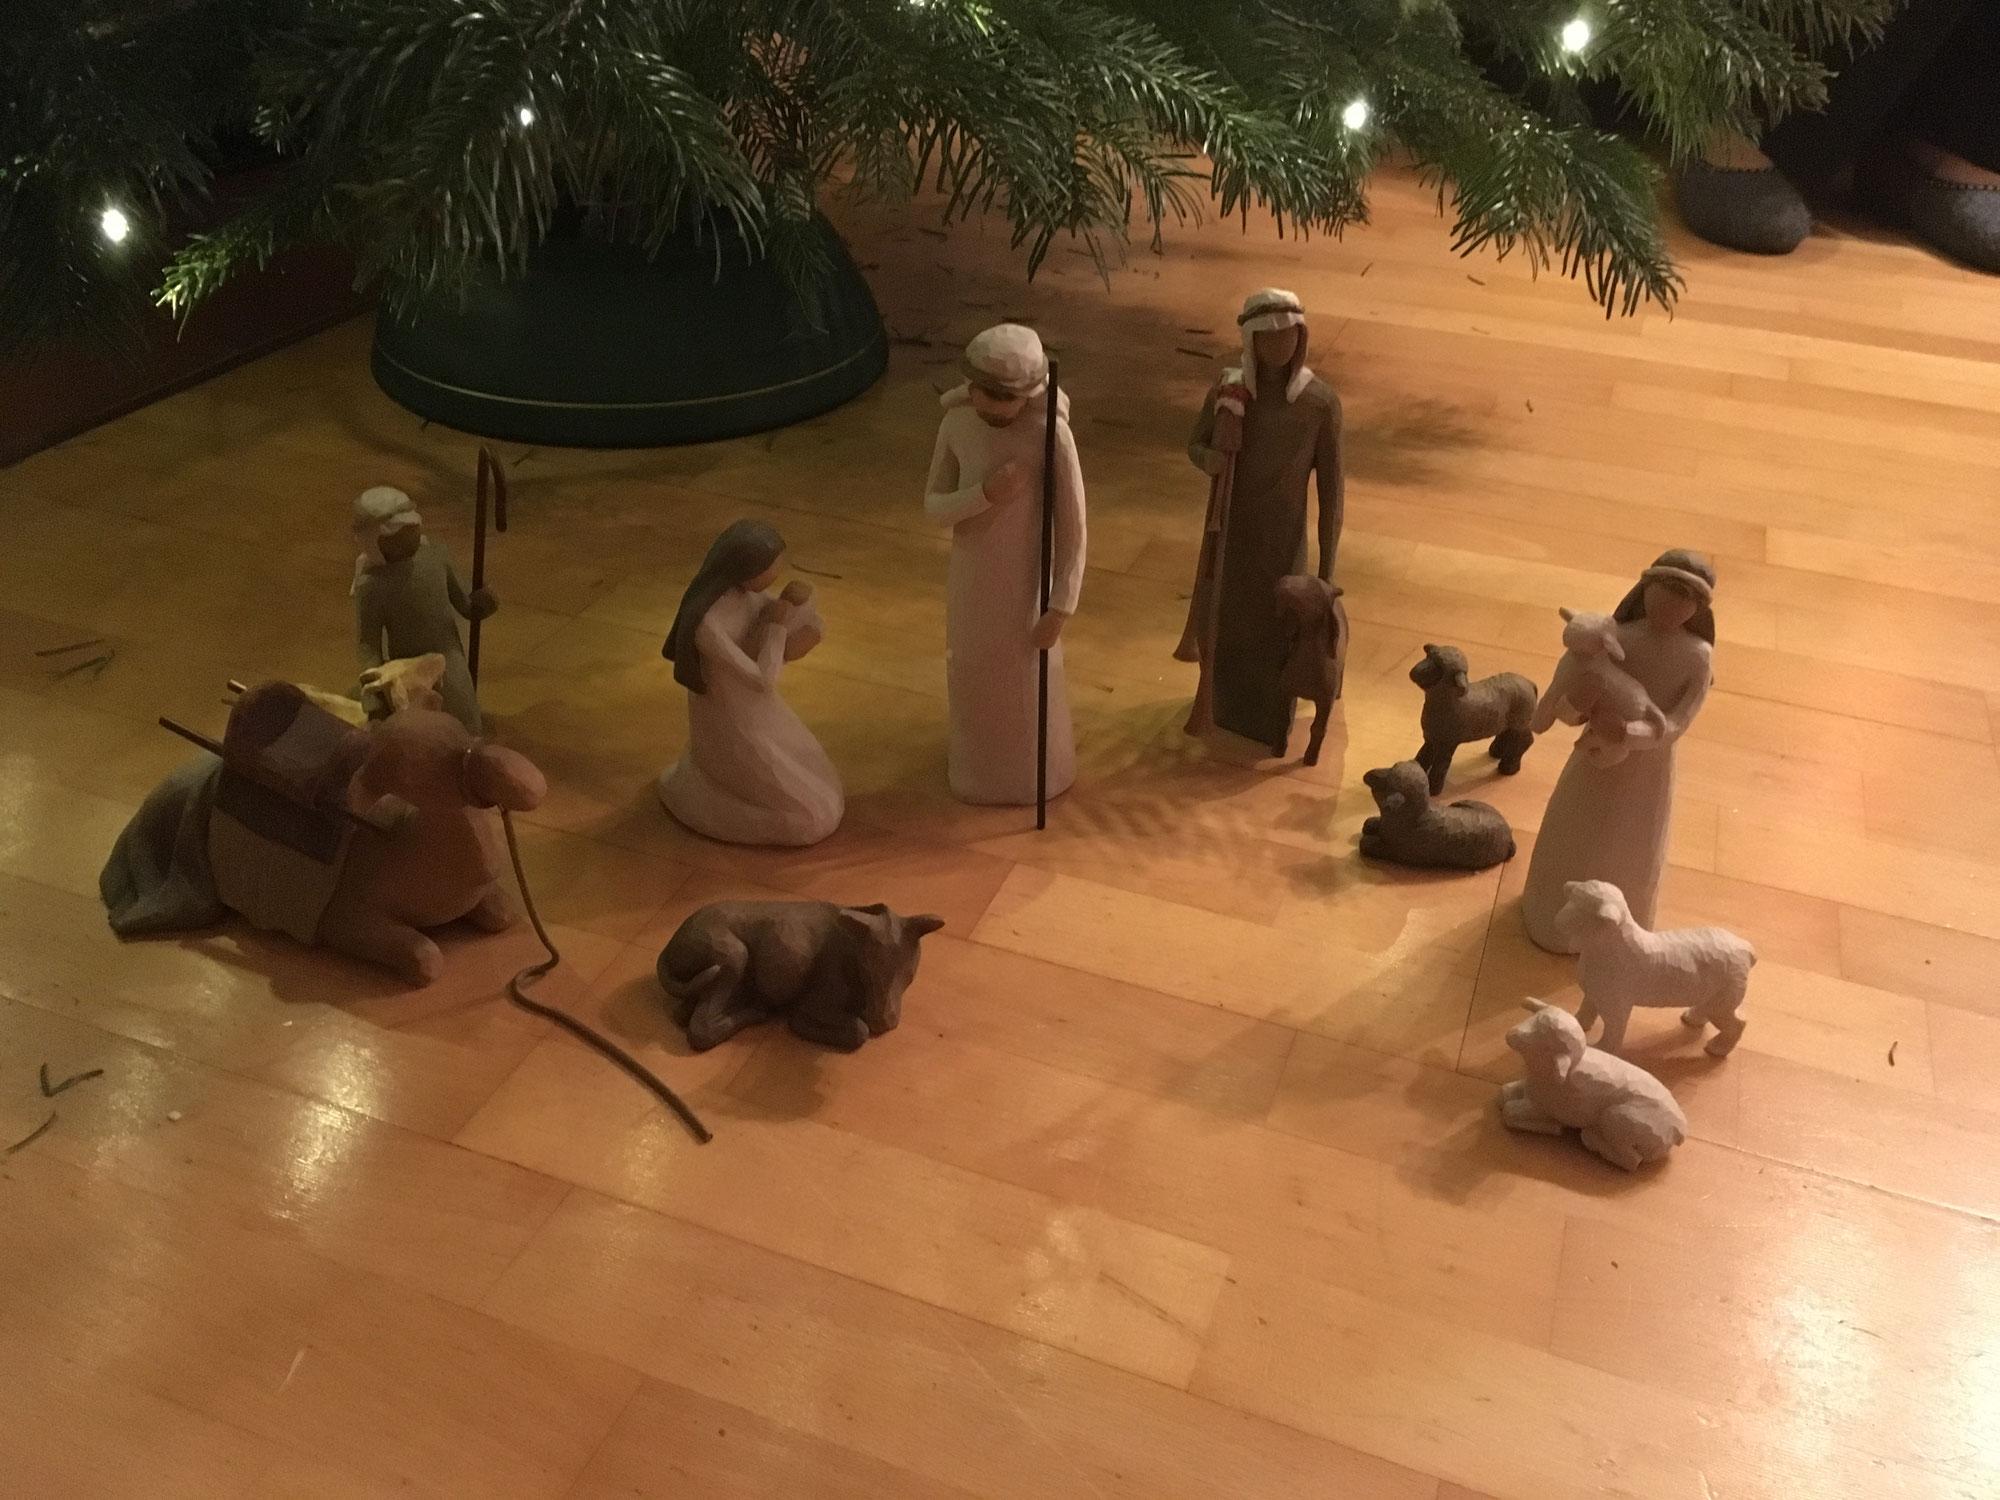 Von ängstlichen Engeln, Schäfchen und Menschen